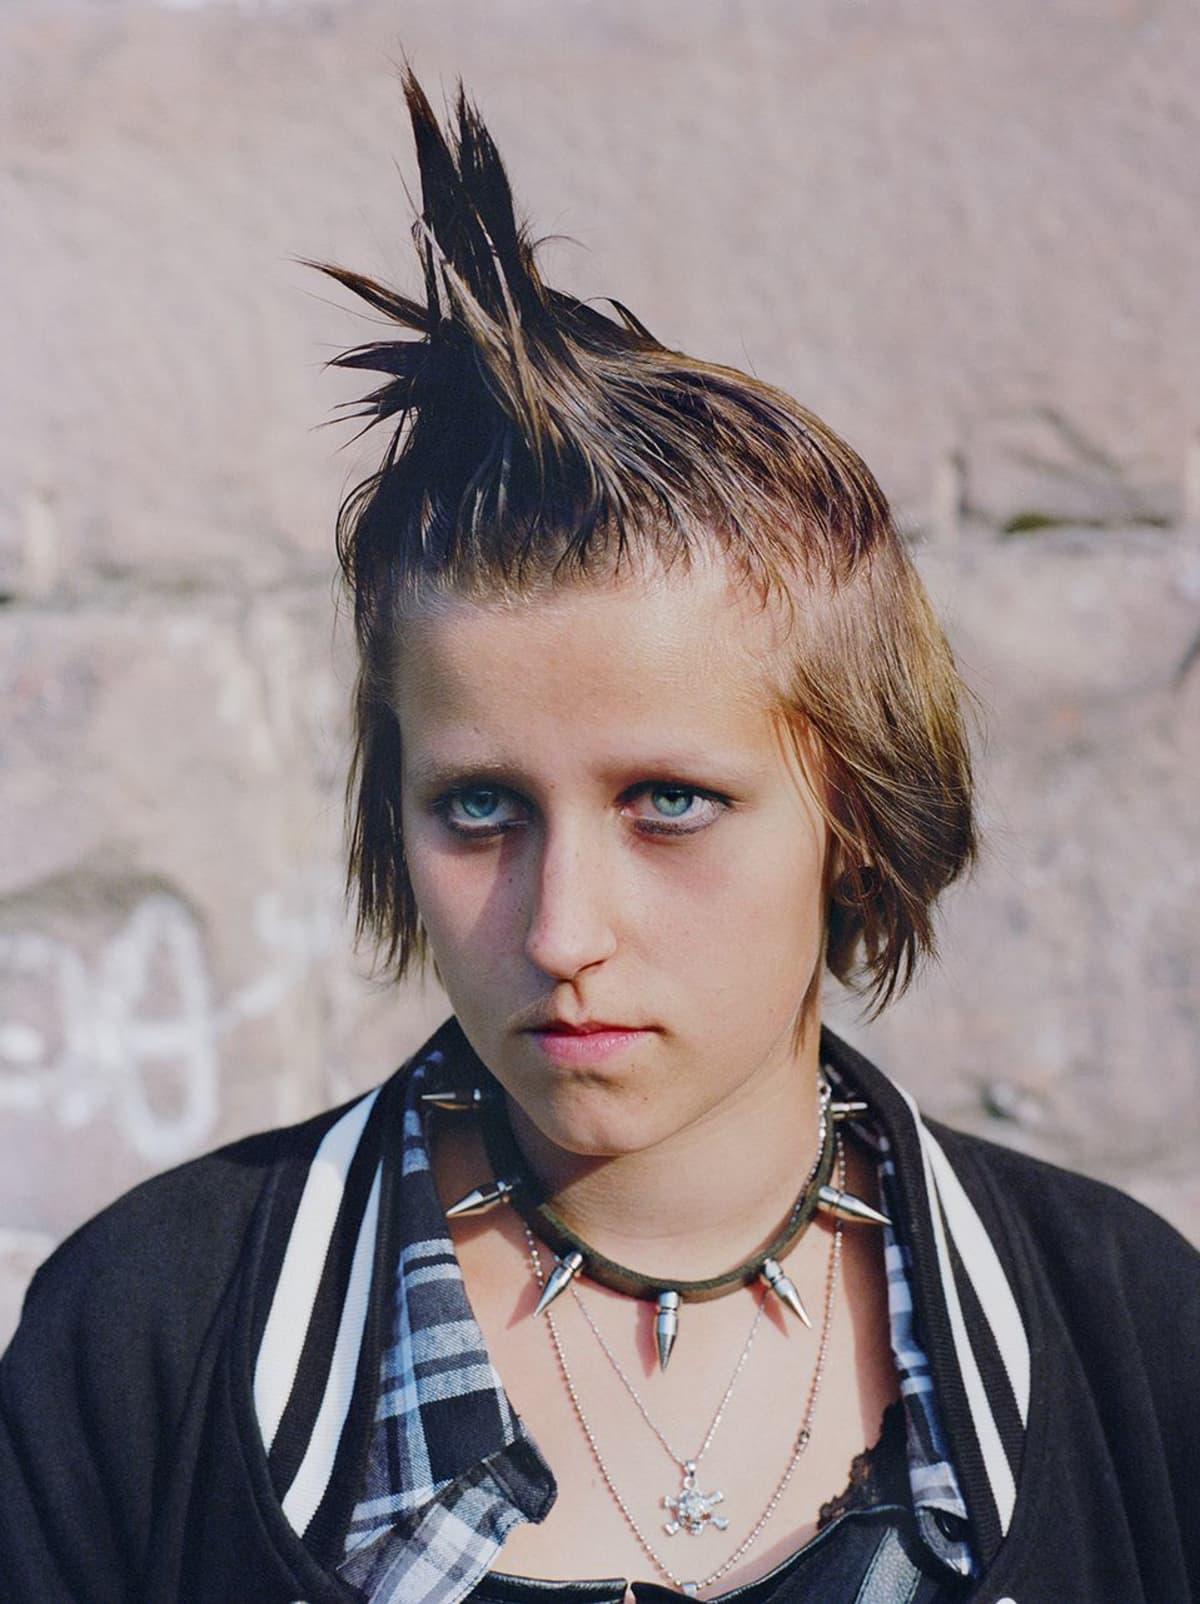 Lähikuvass nuori, kajaanilainen punkkarityttö.